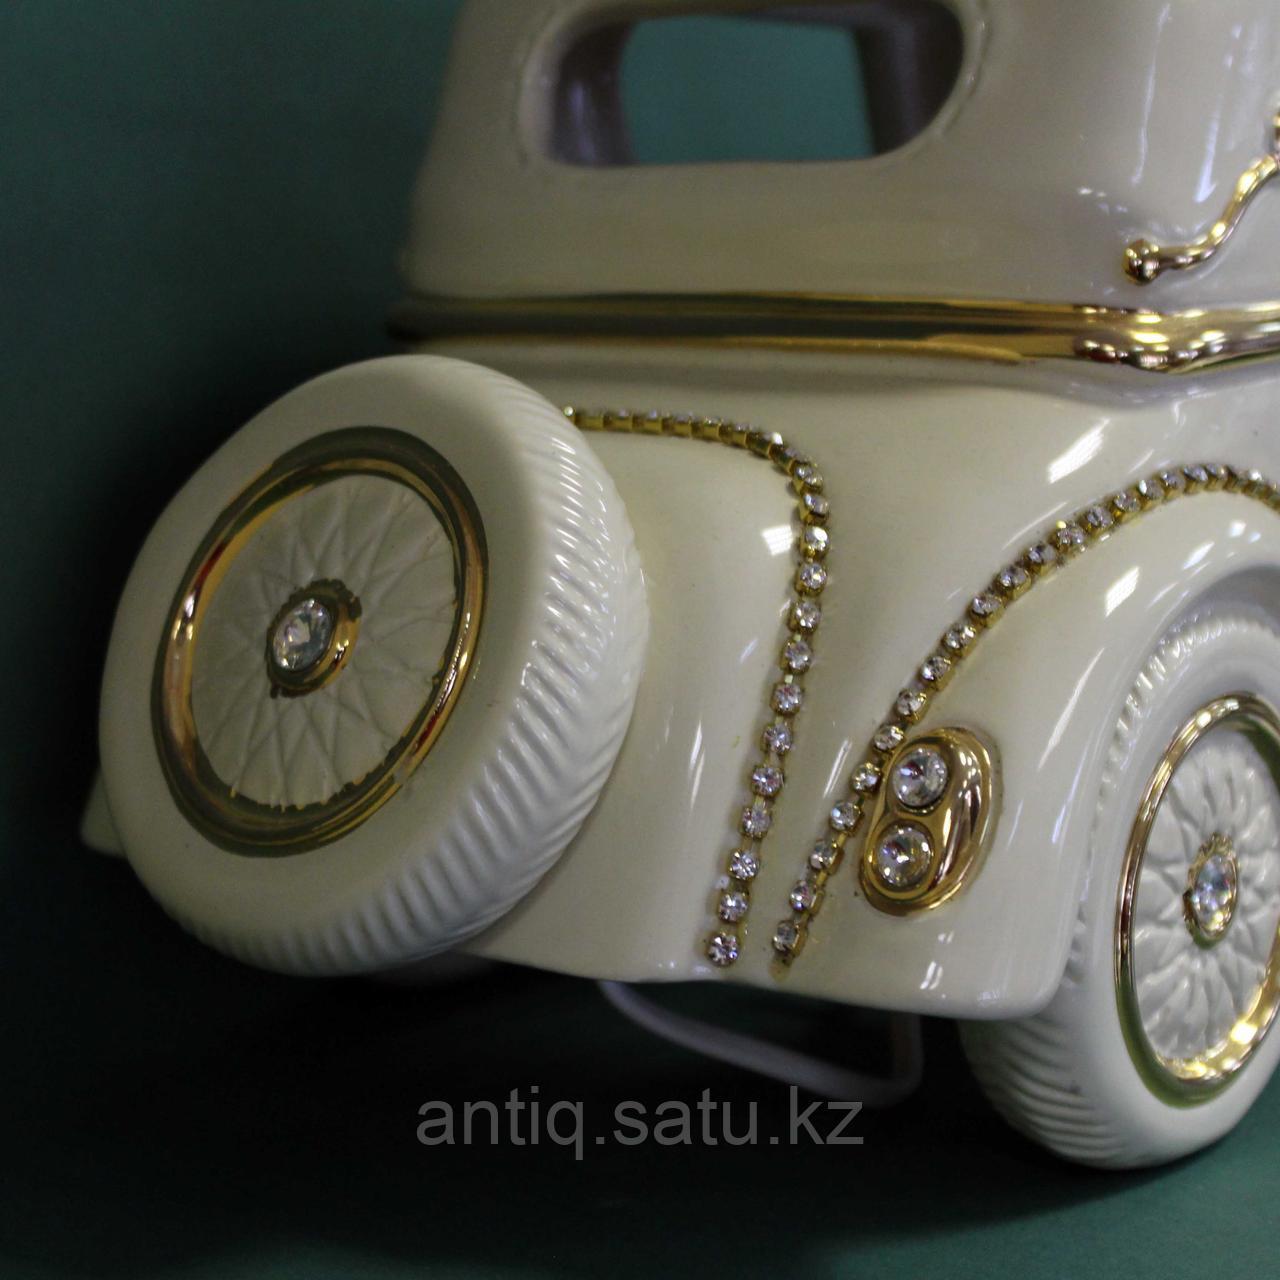 Светильник. Ретро-автомобиль с кристаллами сваровски. Фарфор - фото 4